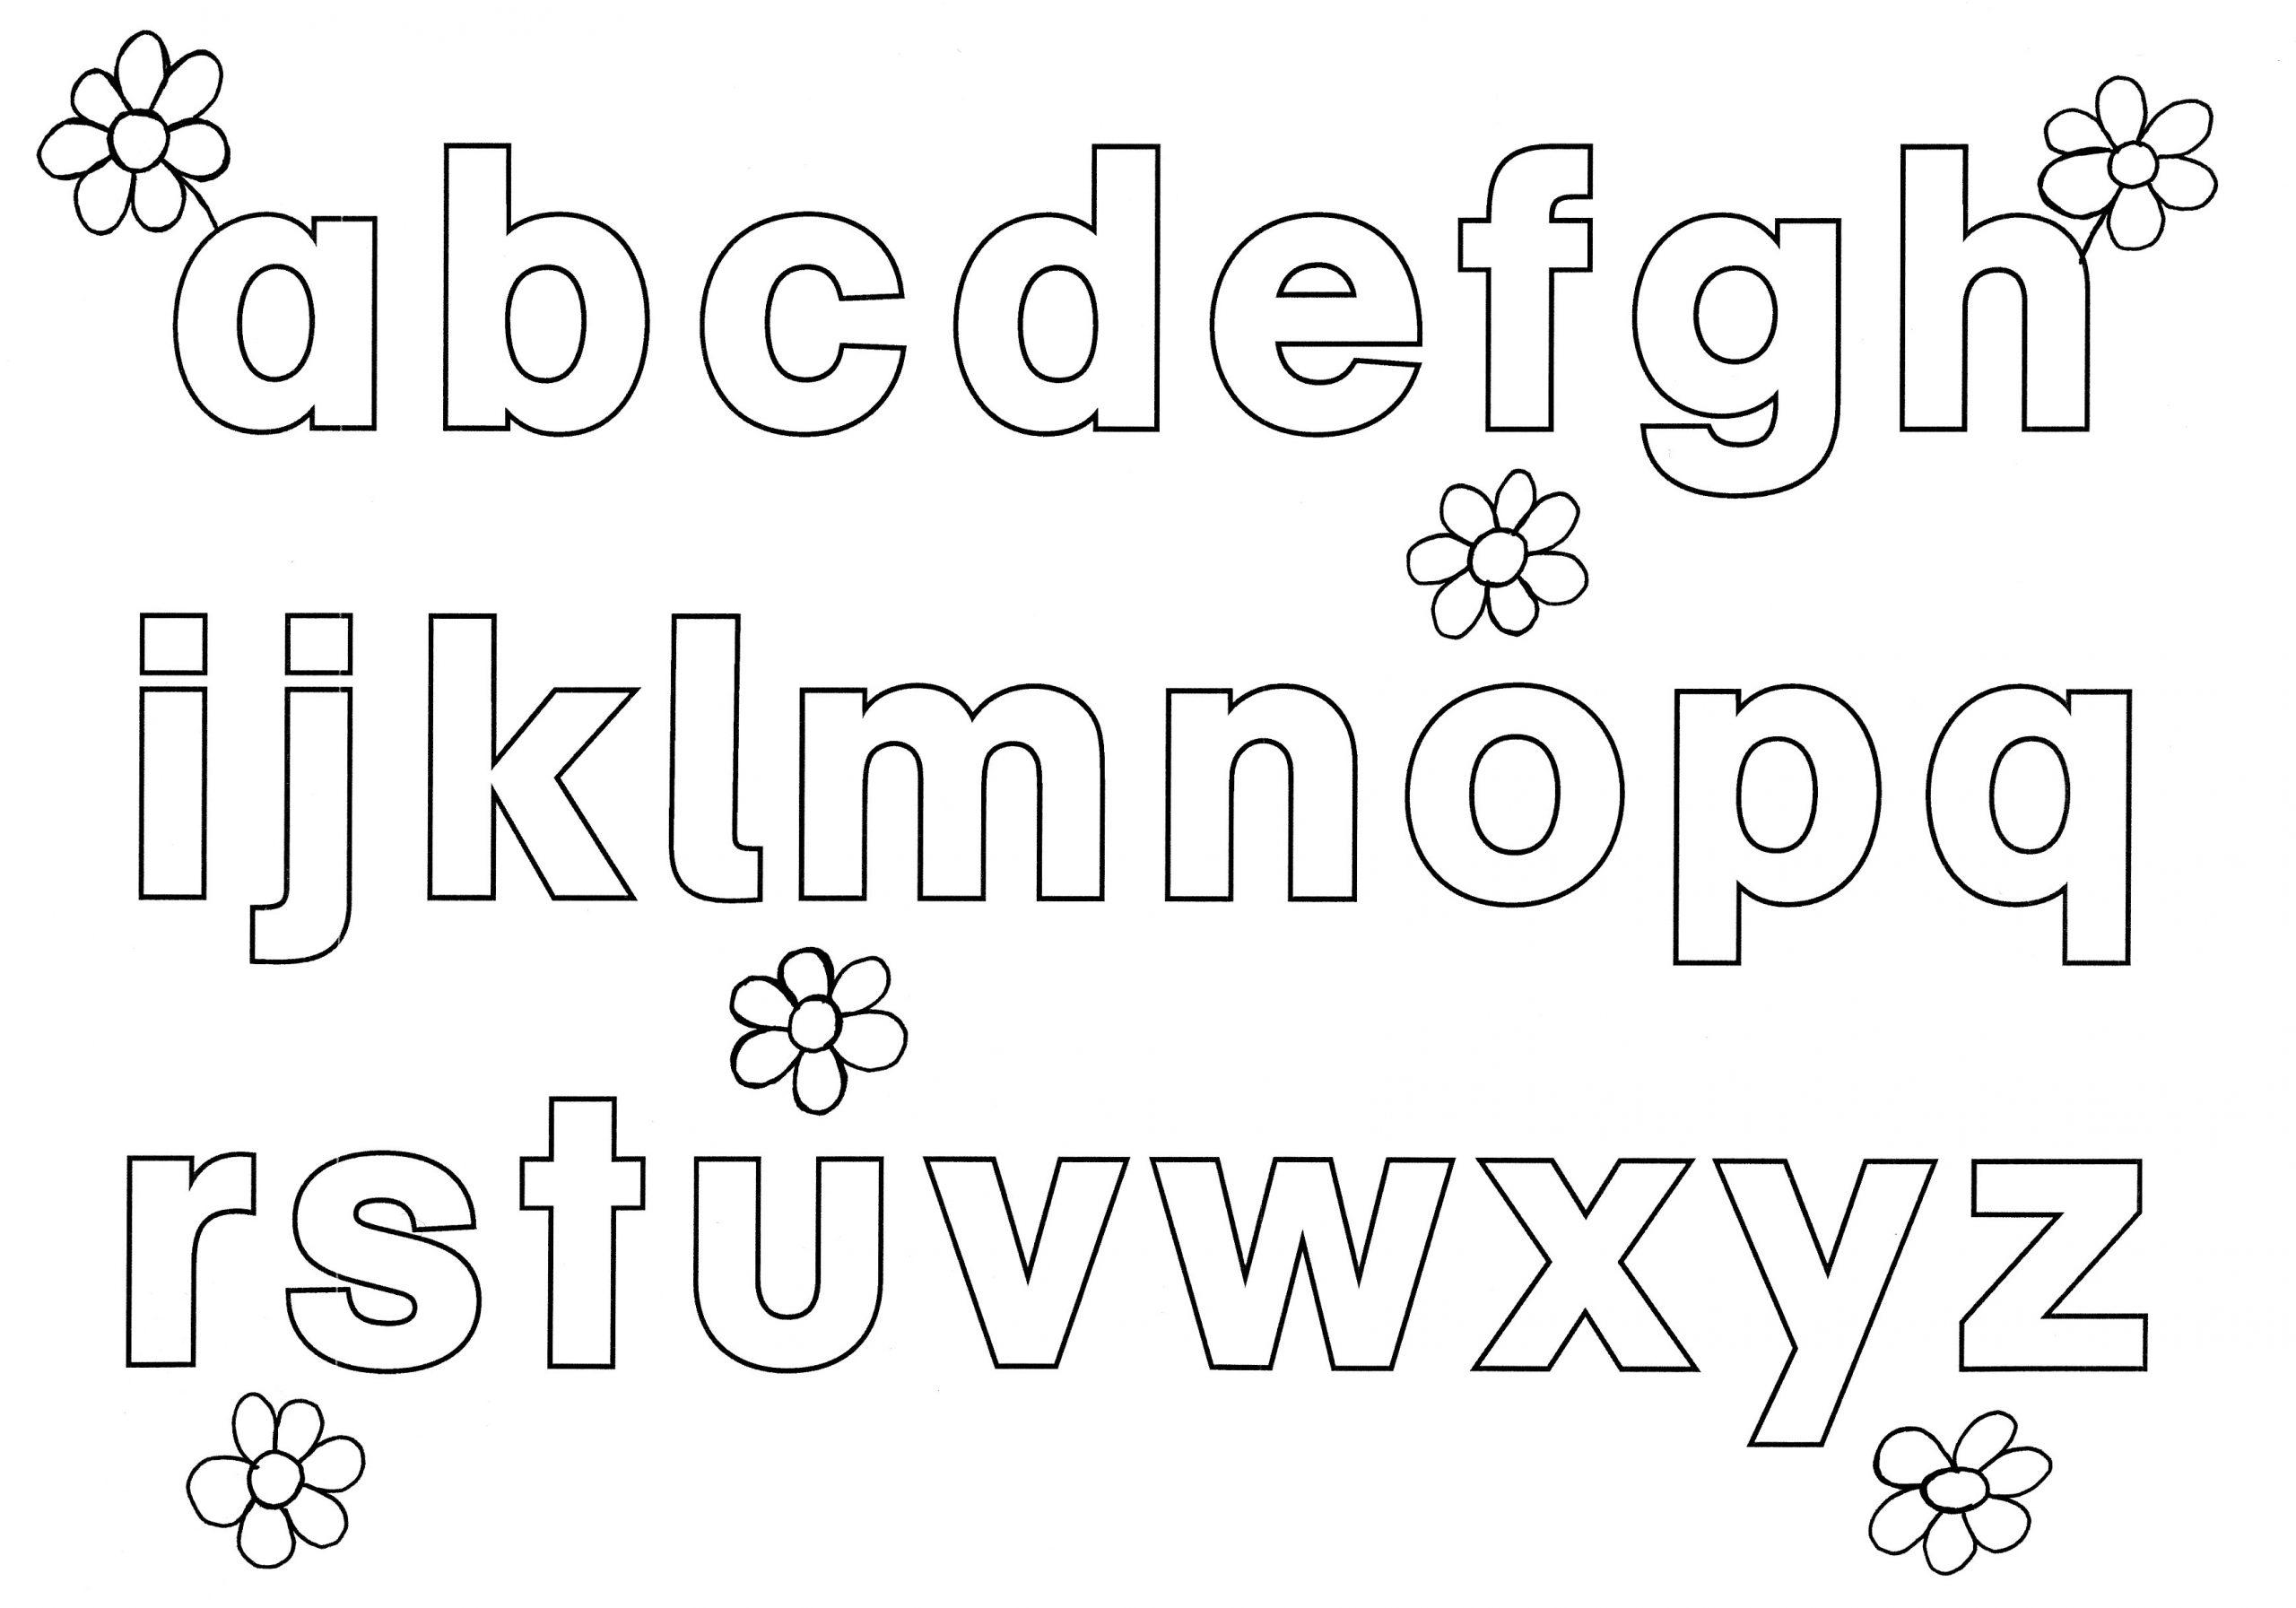 Alphabet Ausmalbilder - Malvorlagen Für Kinder mit Abc Buchstaben Zum Ausdrucken